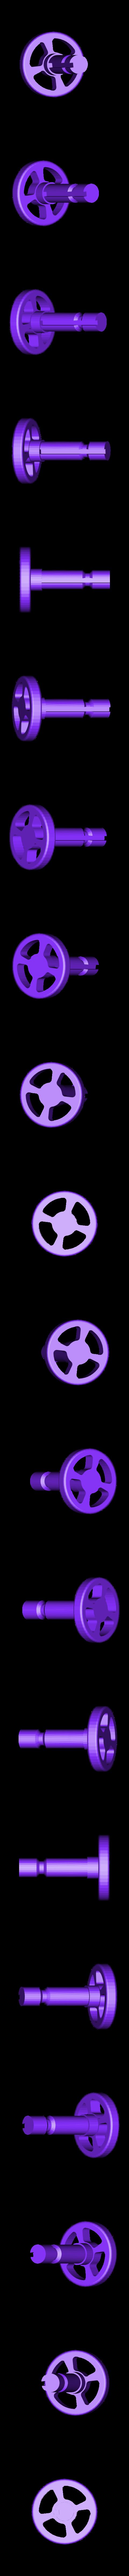 1x_Handle.stl Télécharger fichier STL gratuit Réducteur industriel à couple conique / Réducteur à engrenages (version en coupe) • Objet pour imprimante 3D, LarsRb